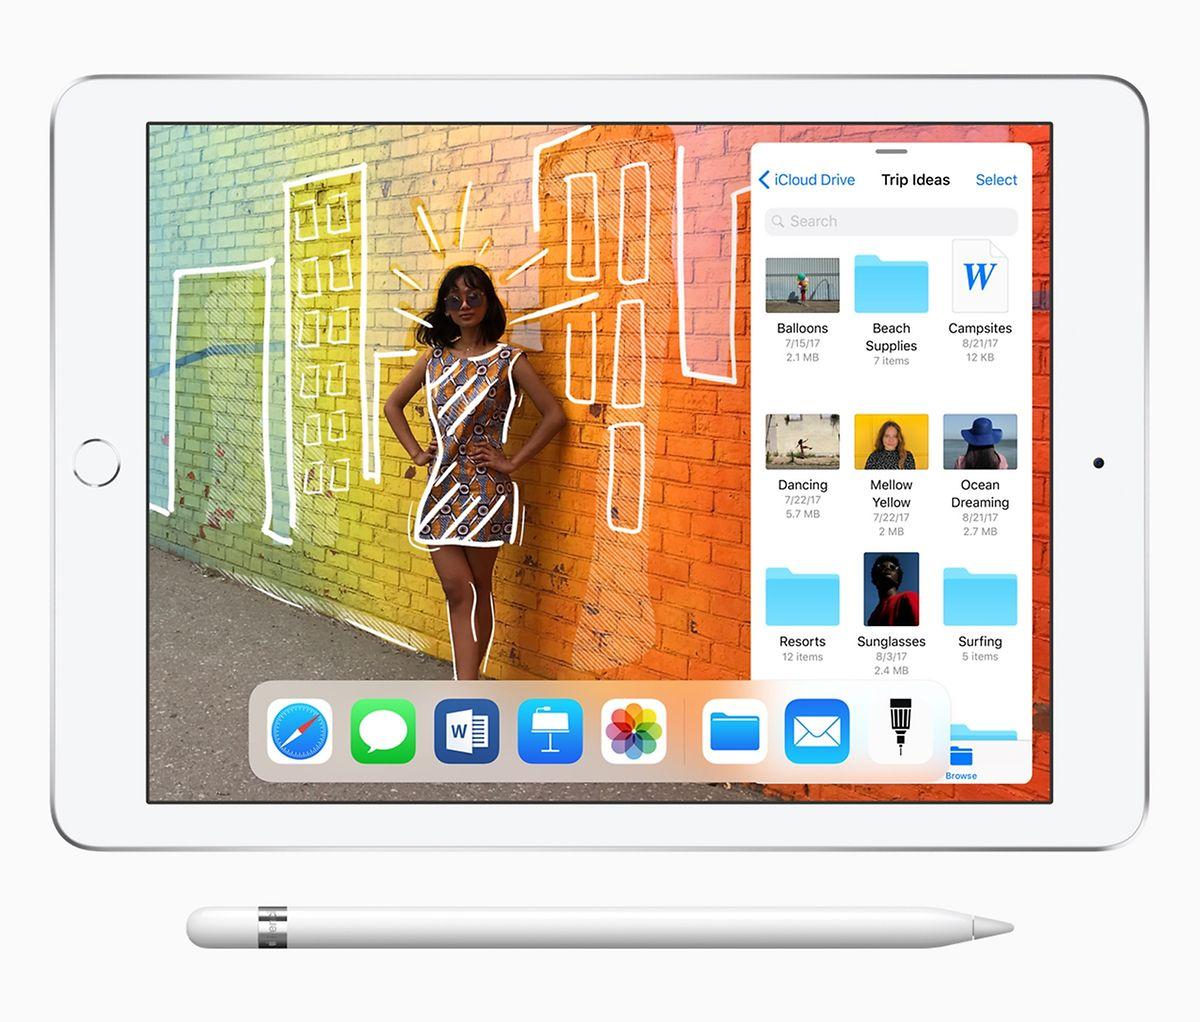 Poucos meses após ter lançado uma versão mais barata do iPad (na foto), a Apple deverá anunciar novas versões do tablet.